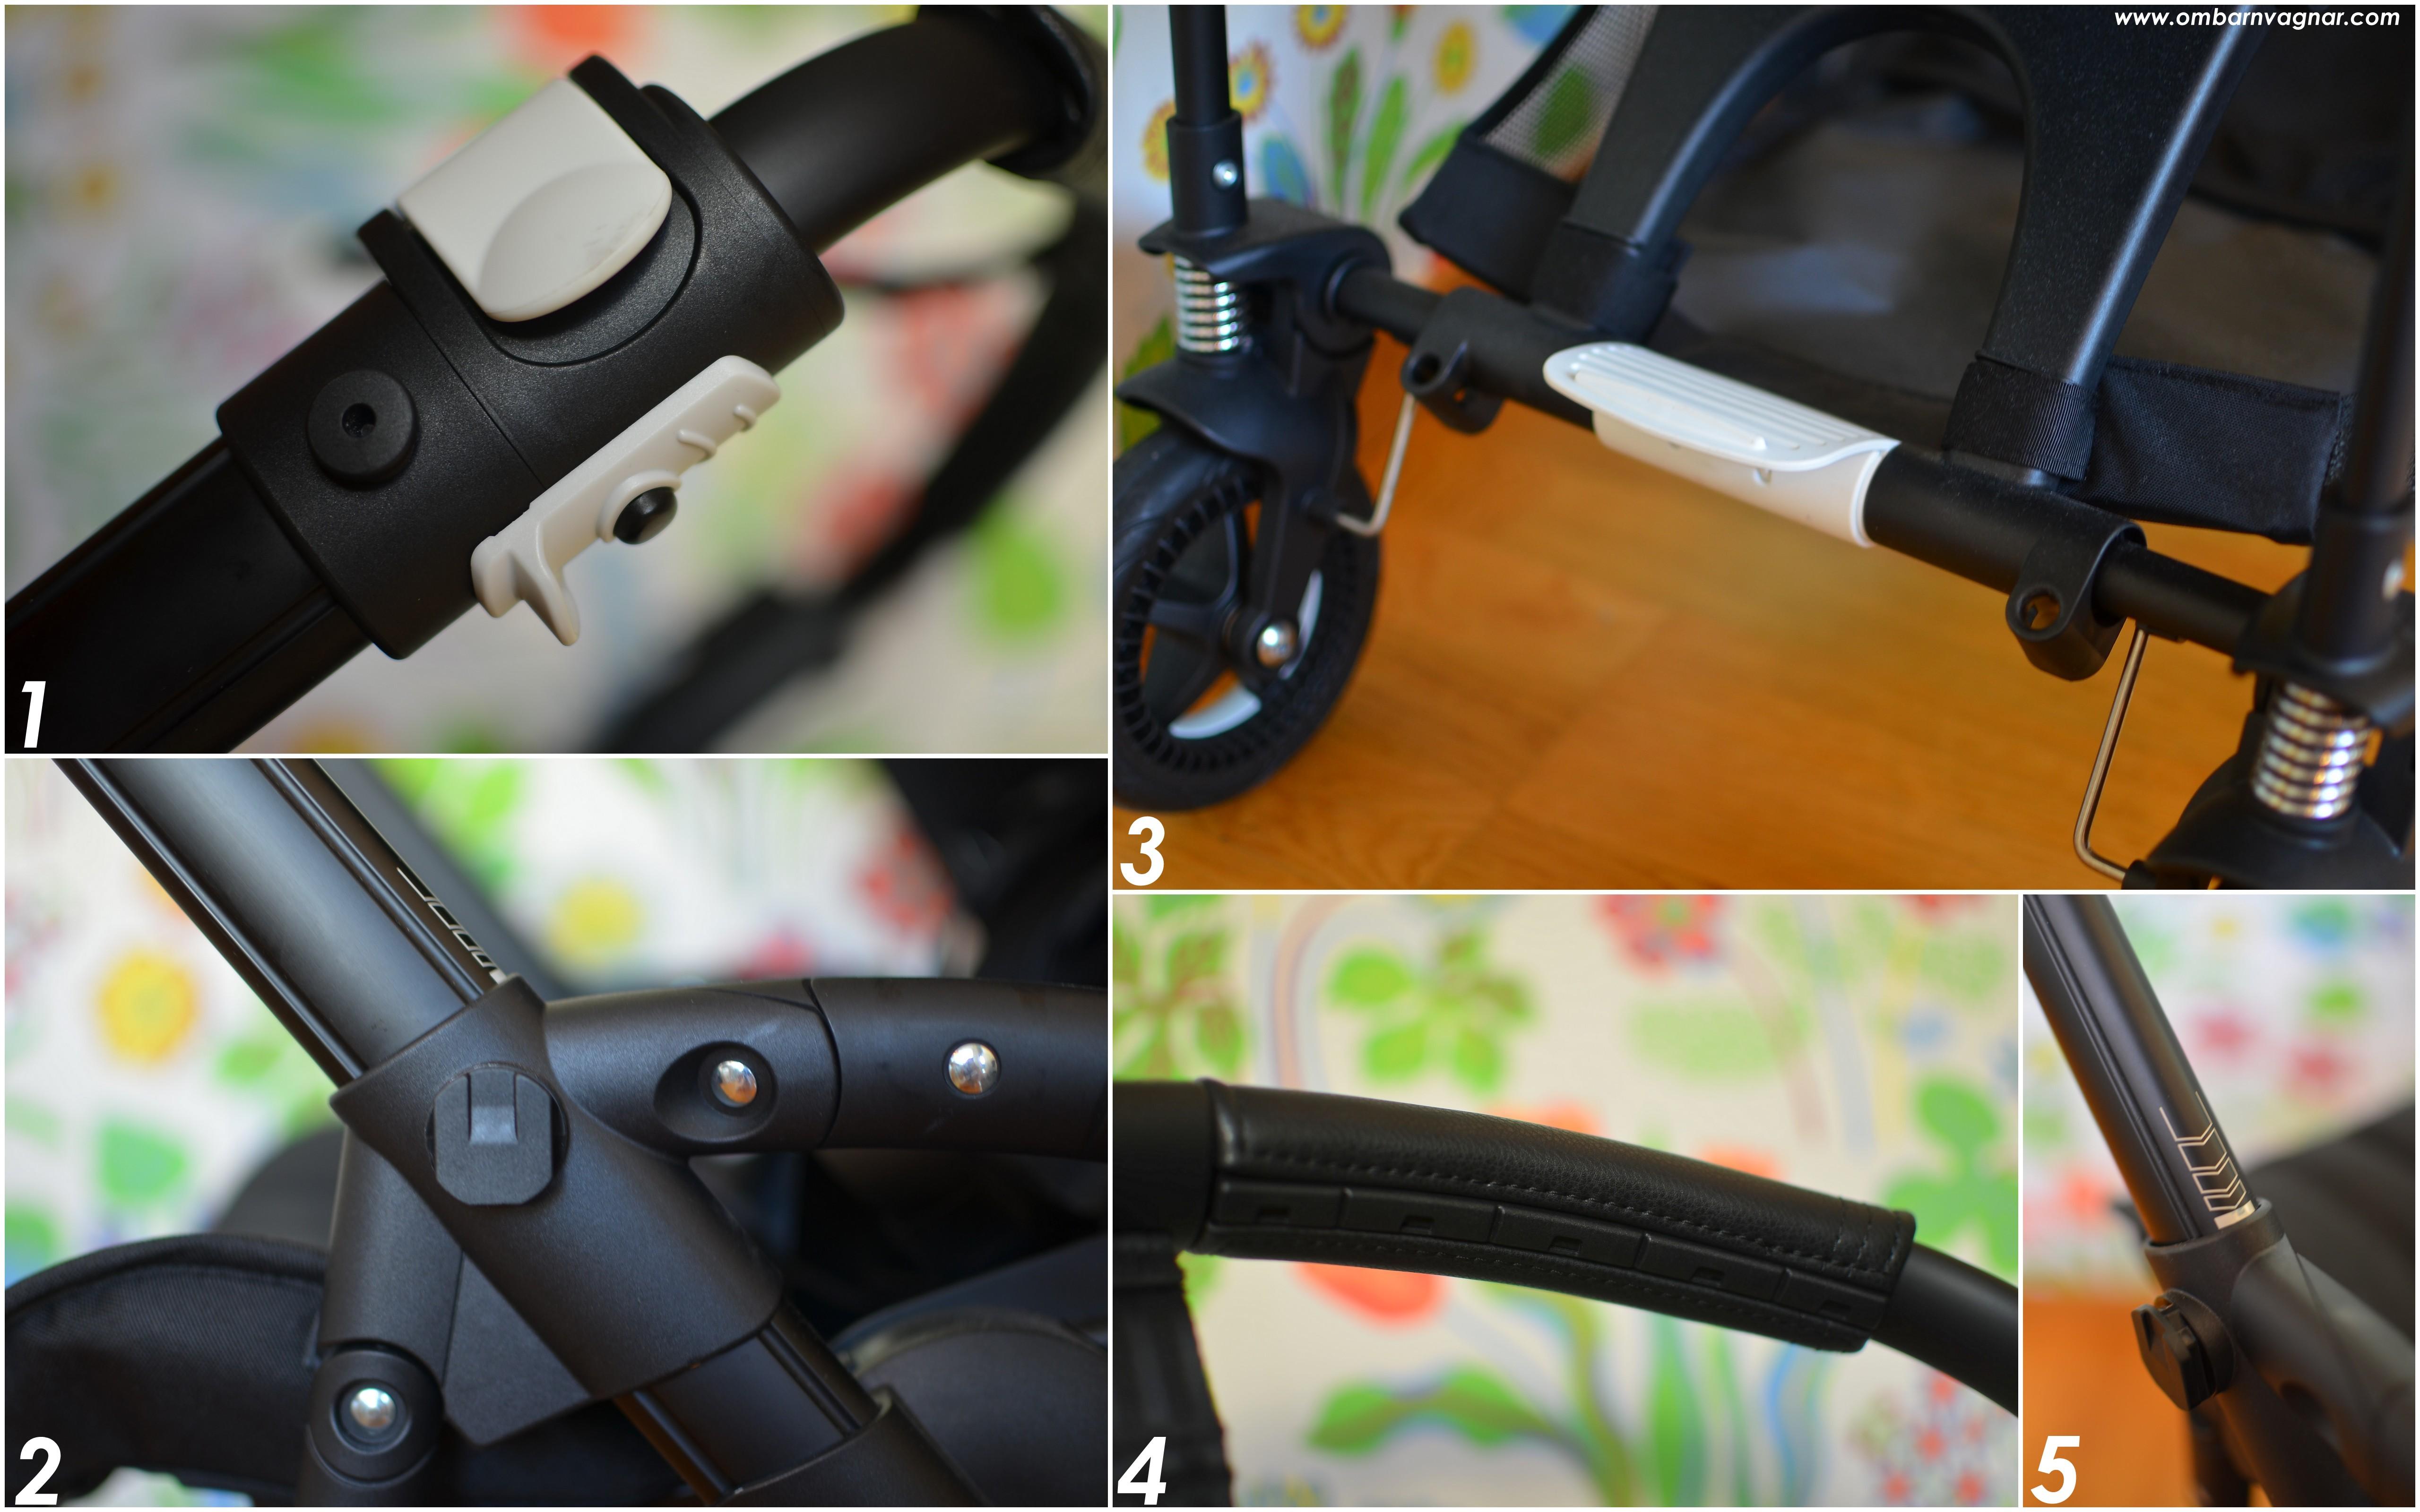 Bugaboo Bee5 har smarta, intregrerade fästen för ståbräda och mugghållare